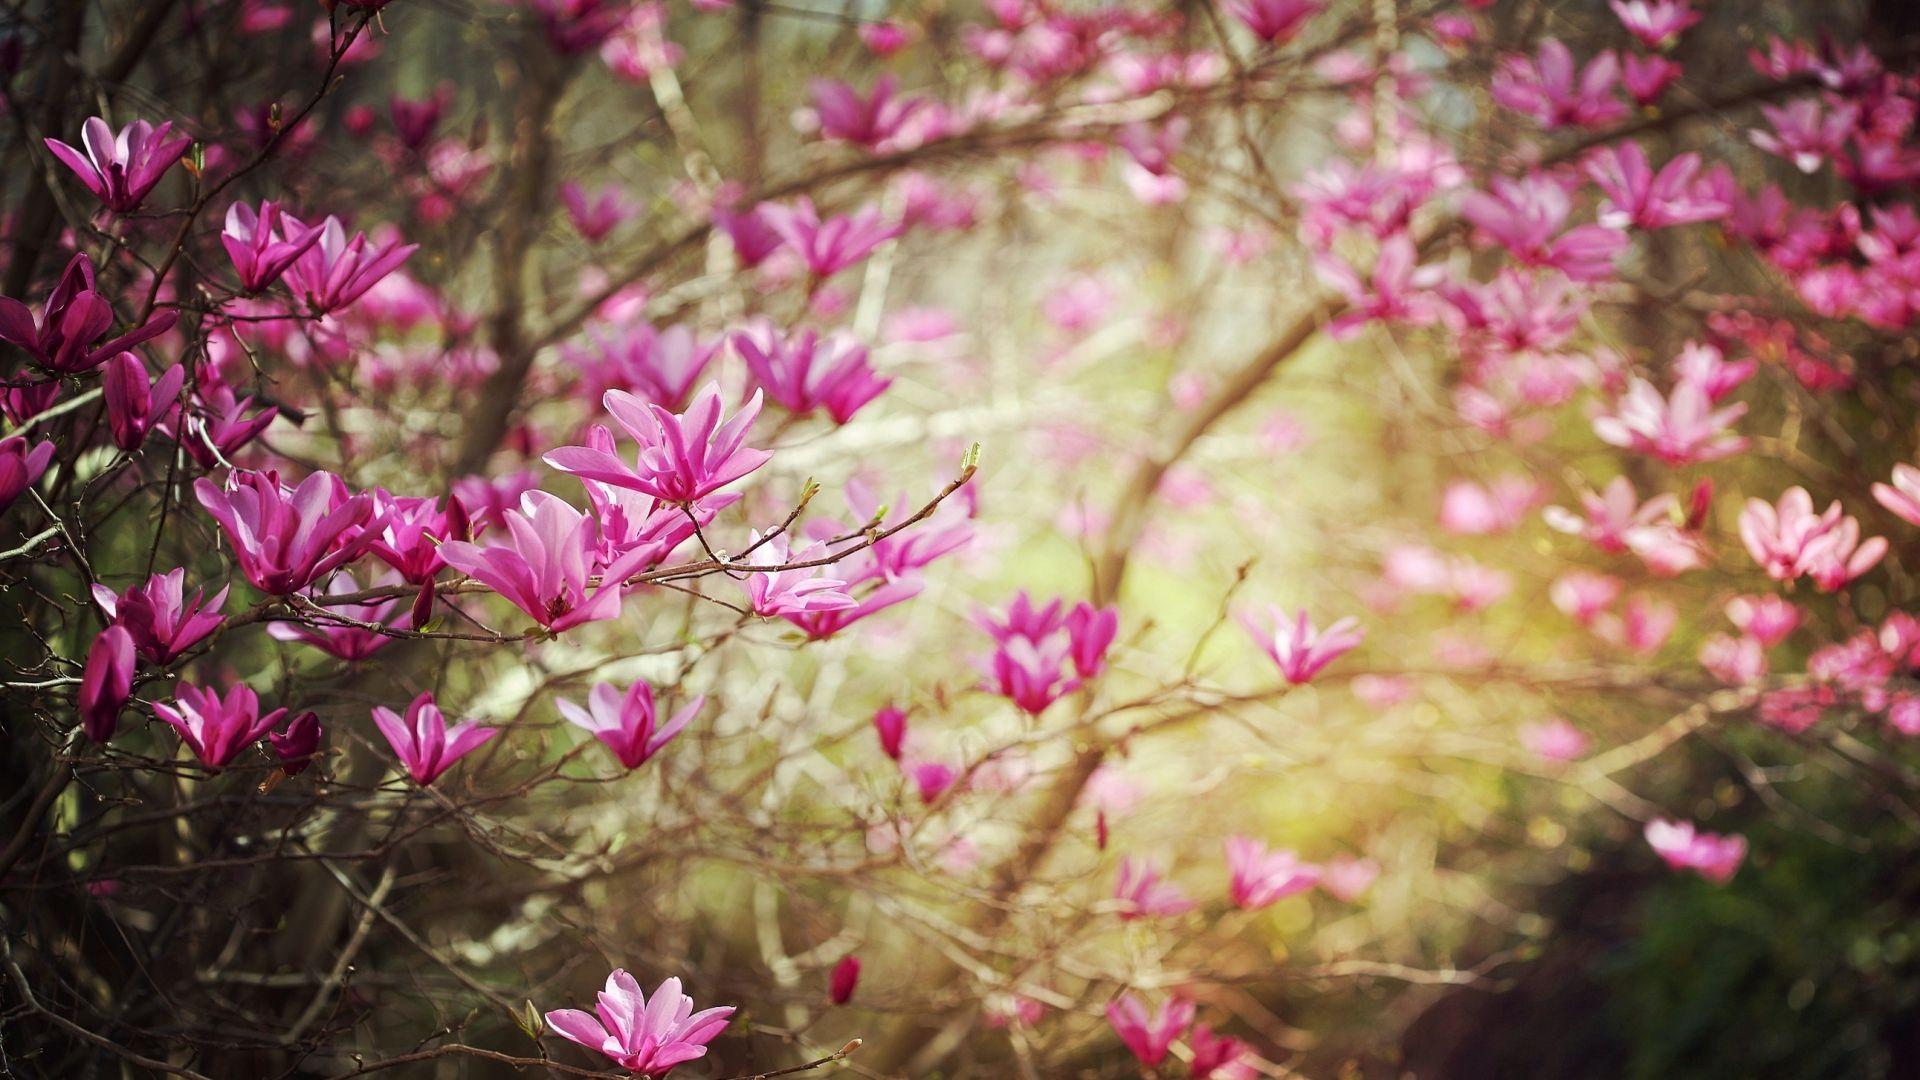 Дня прикольные, весна цветы картинки красивые